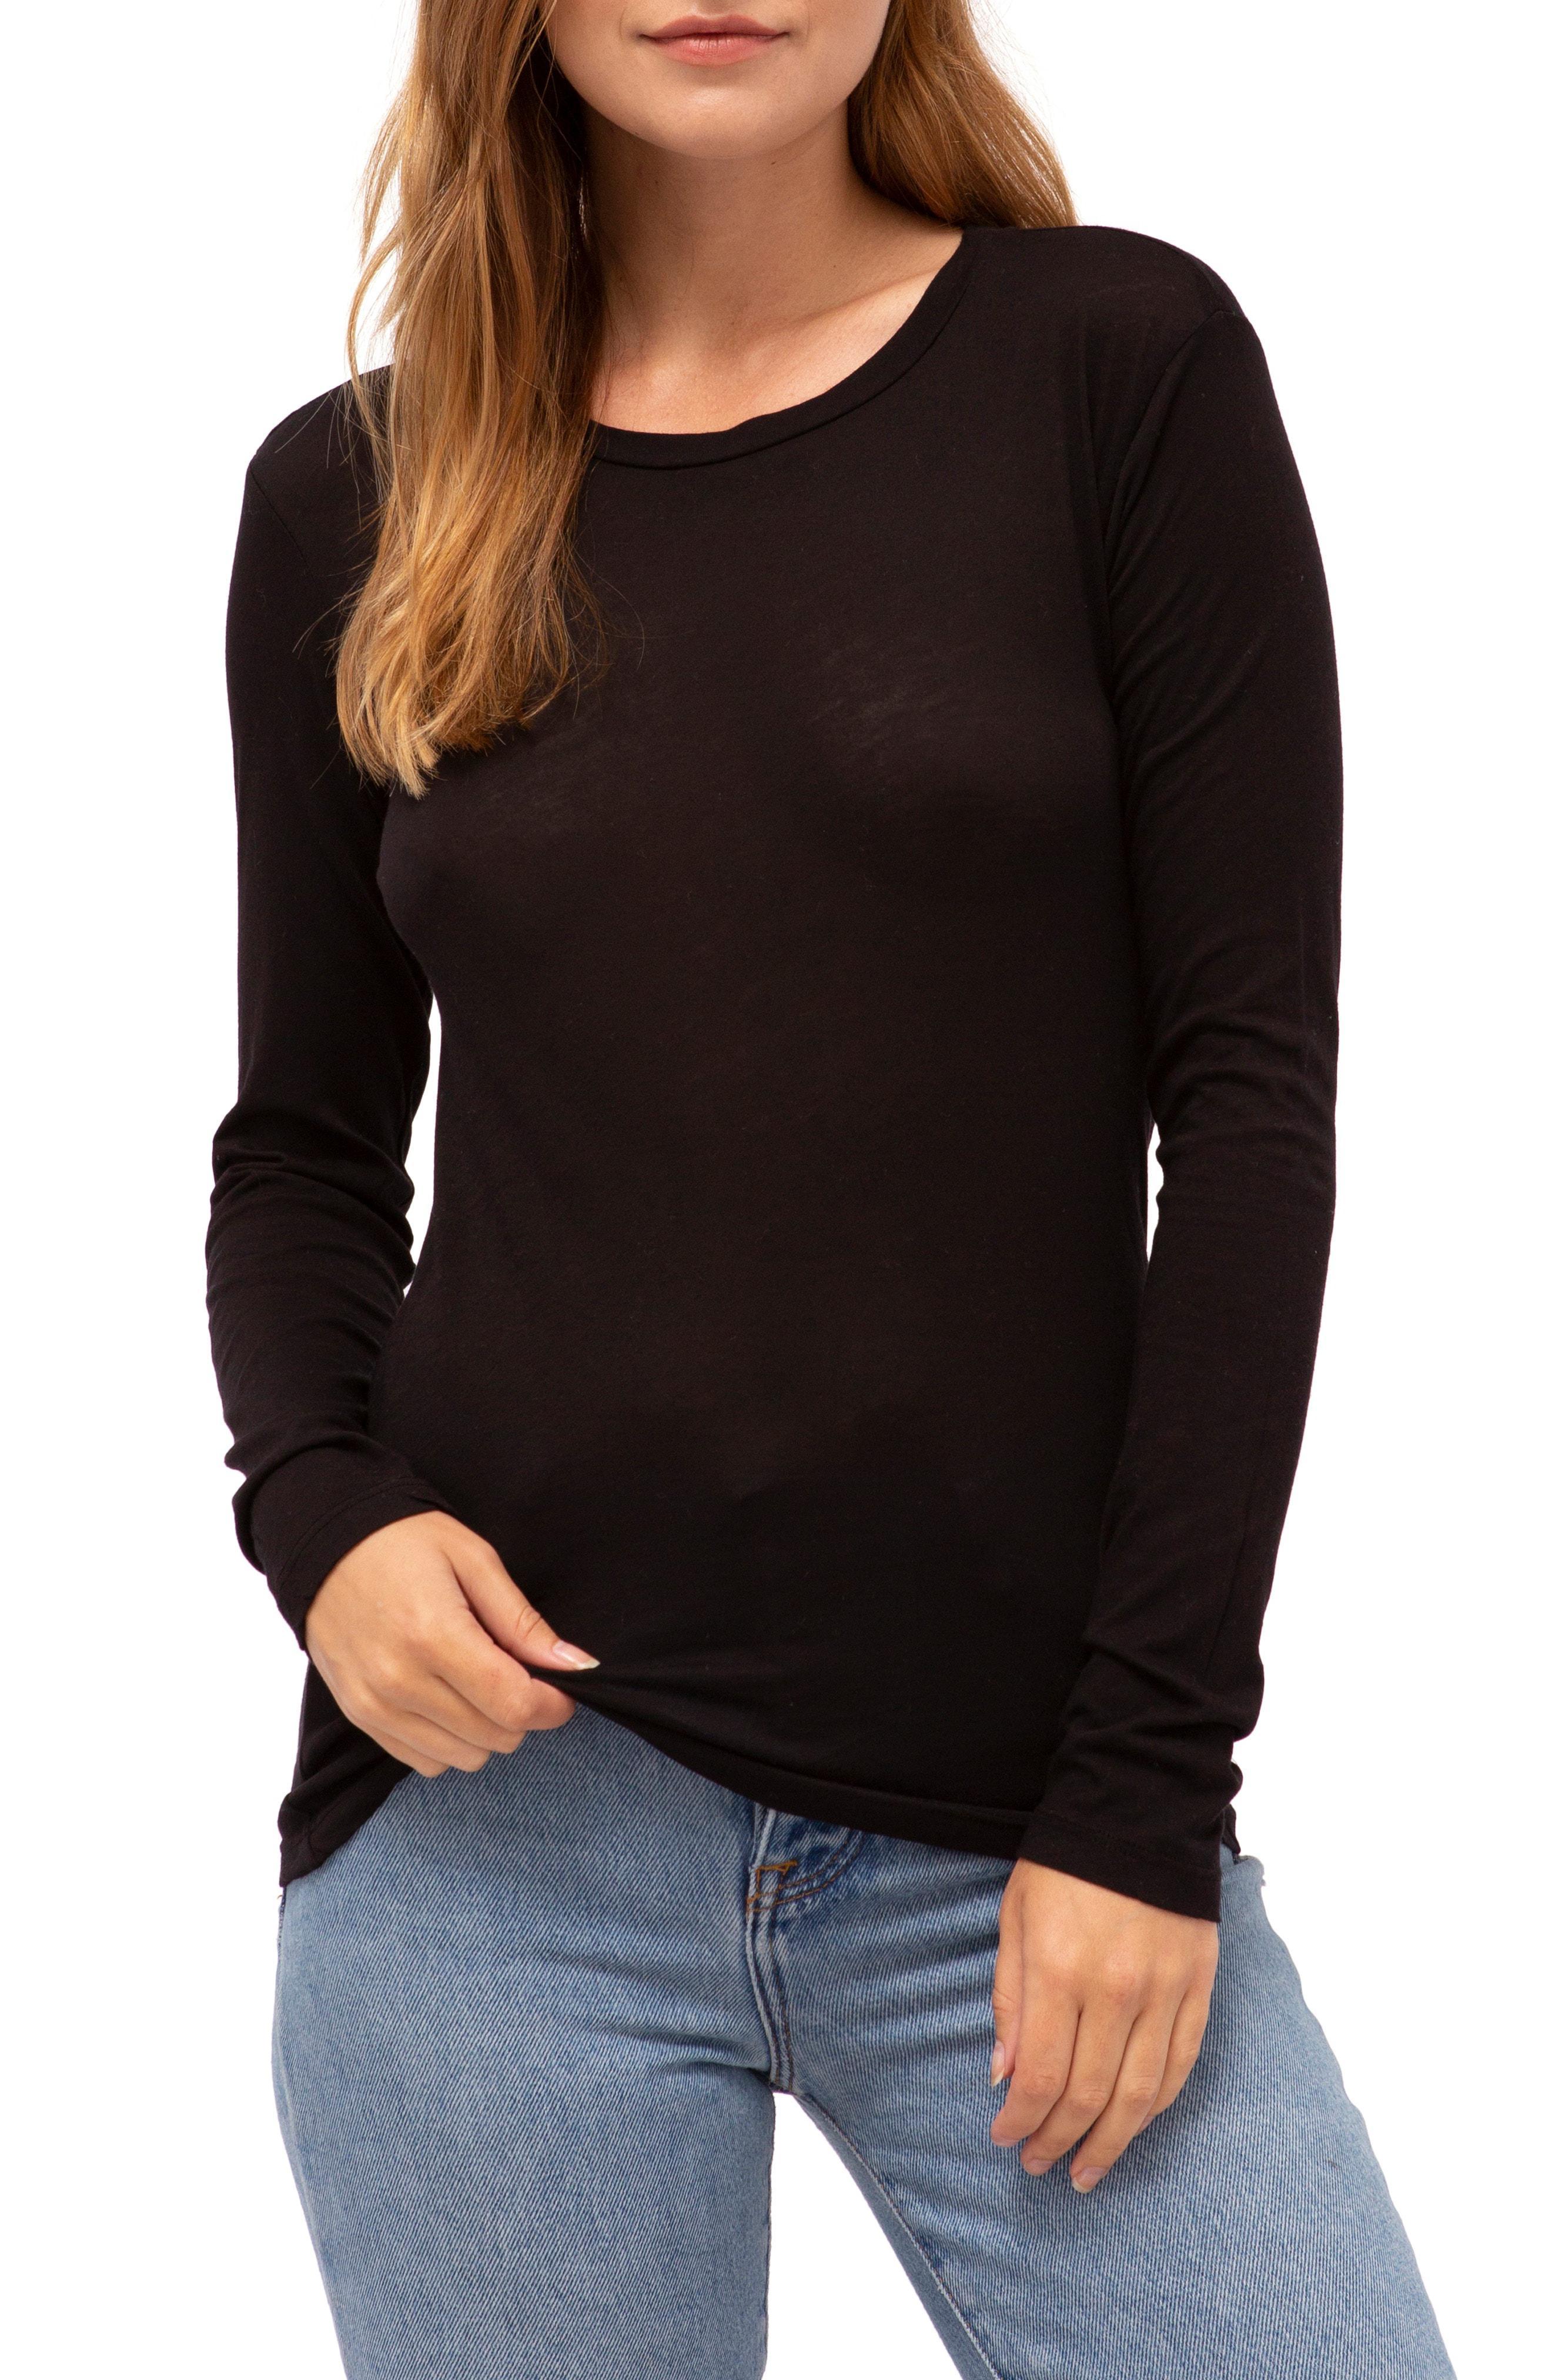 20dda7b6a Lyst - Stateside Long Sleeve Slub Cotton Tee in Black